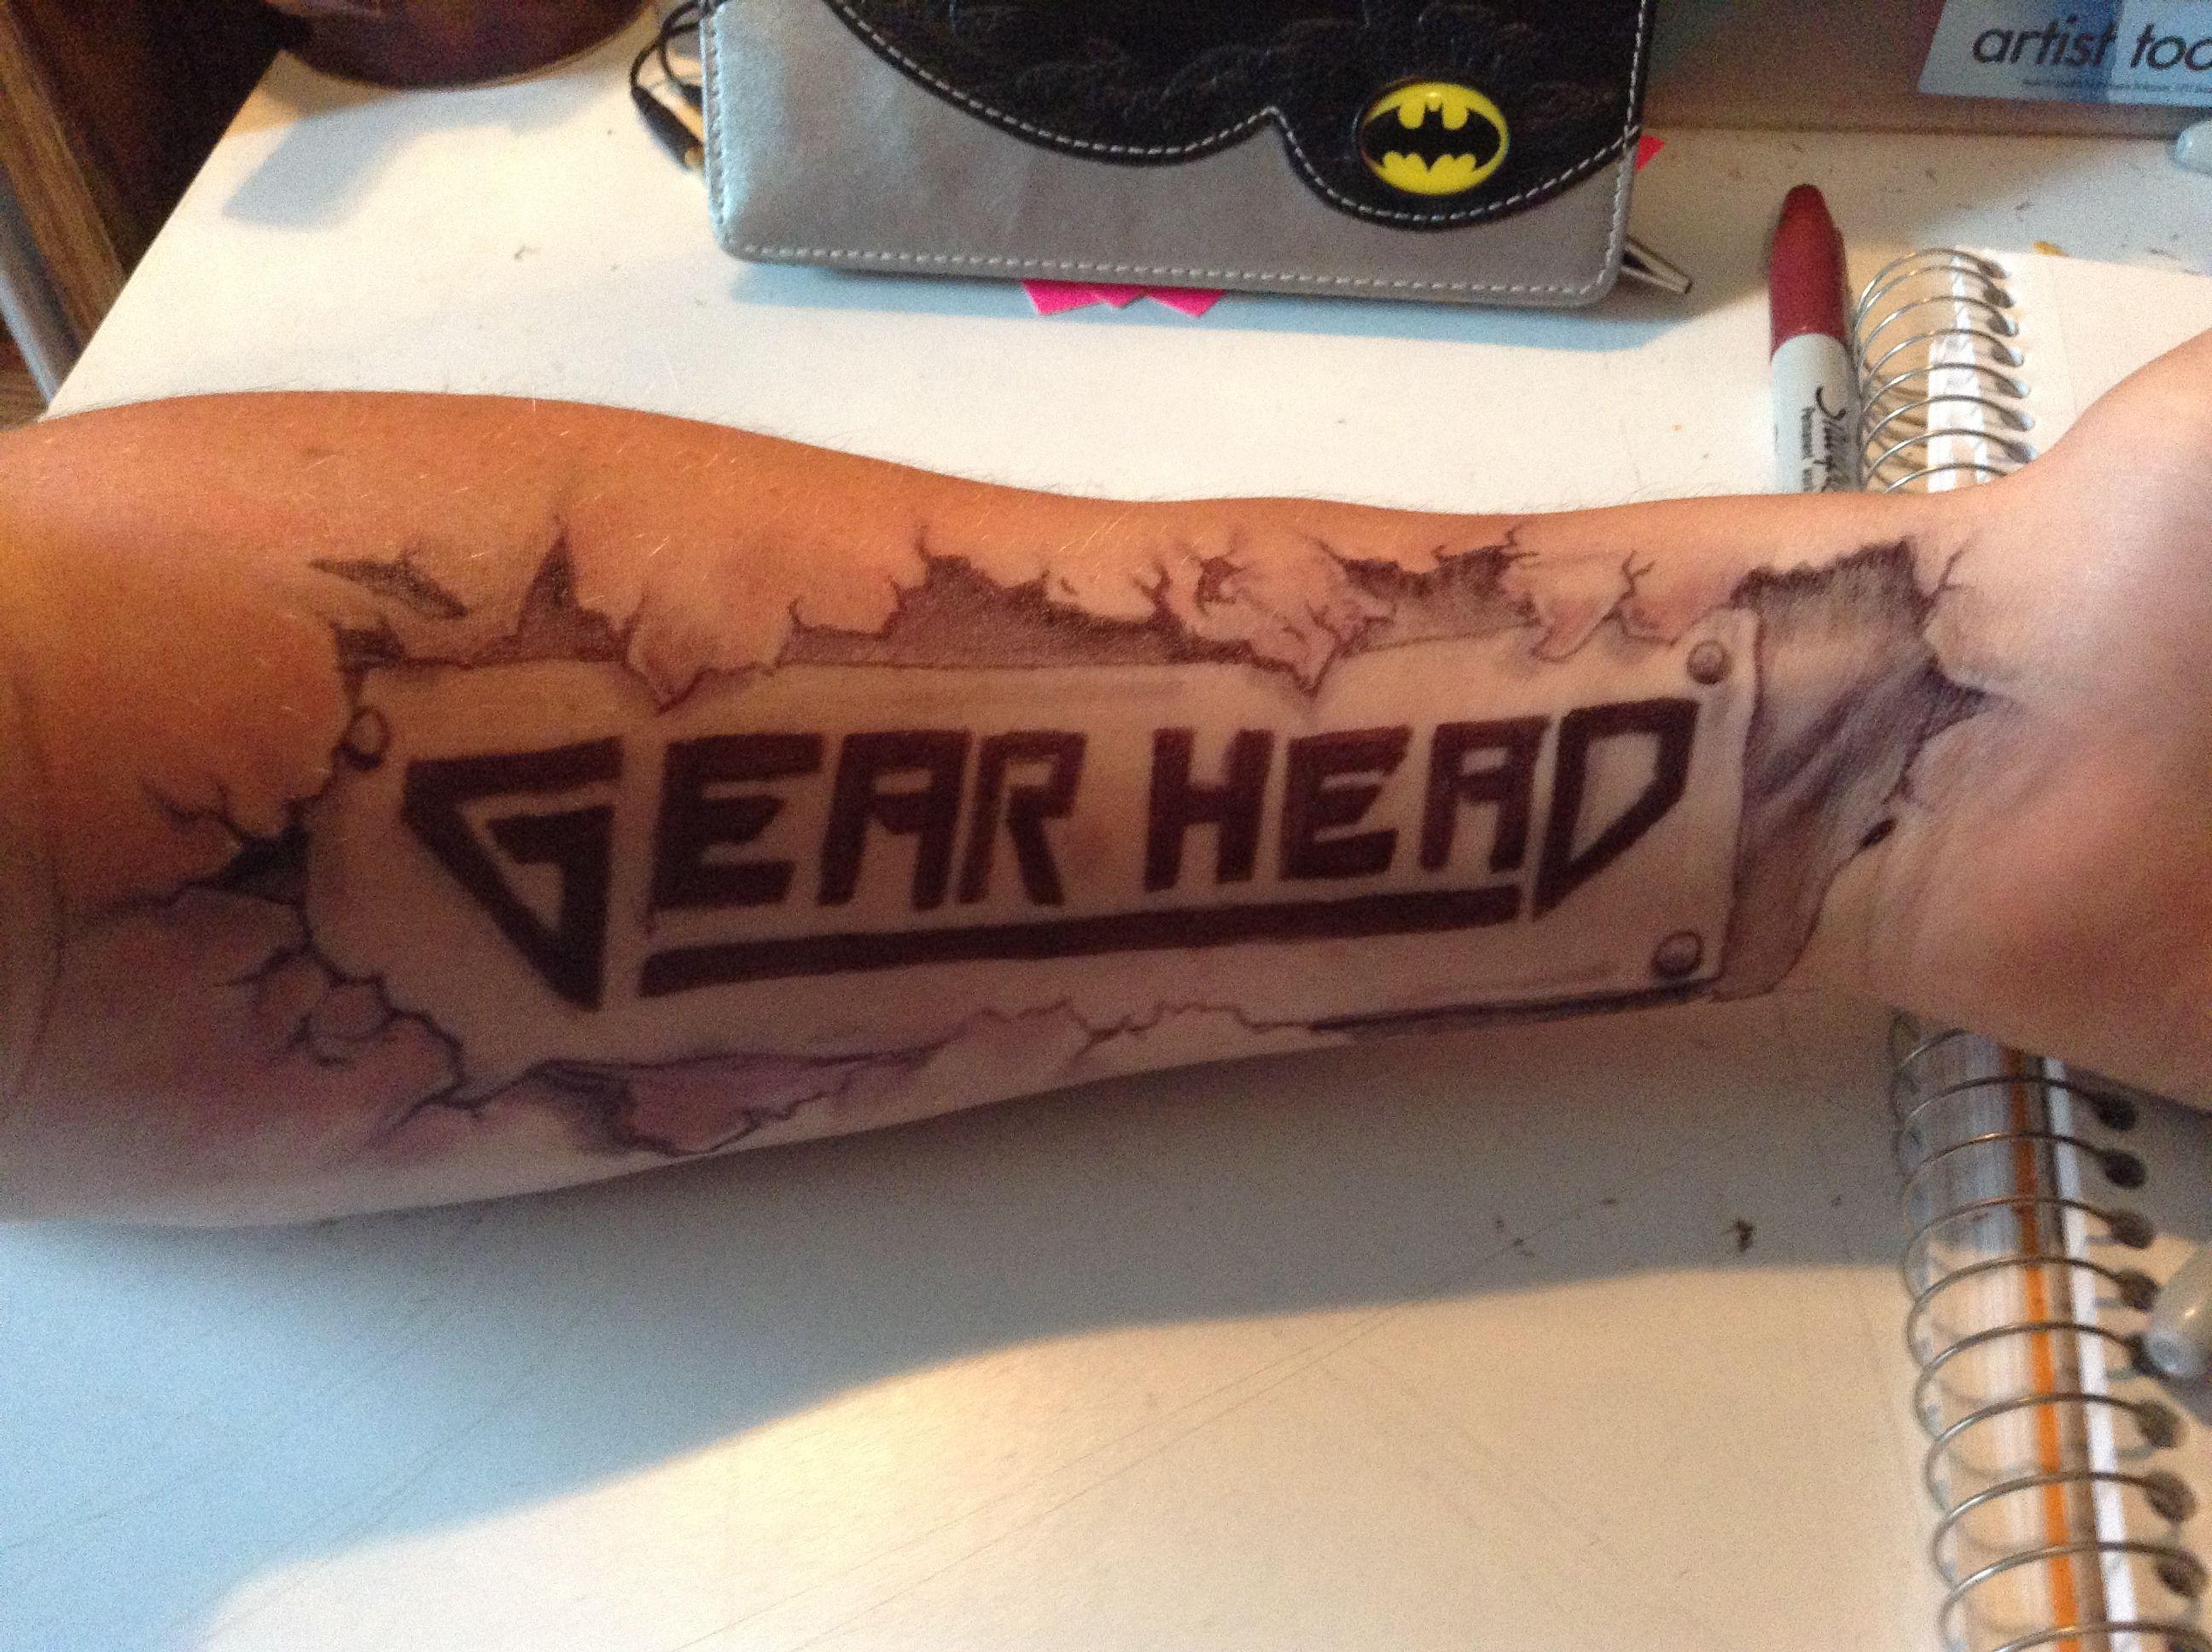 Tattoo gear tattoo sleeve mechanic tattoo mechanical tattoo gears - Gear Head Tattoo Drawn By Ryan Seufzer